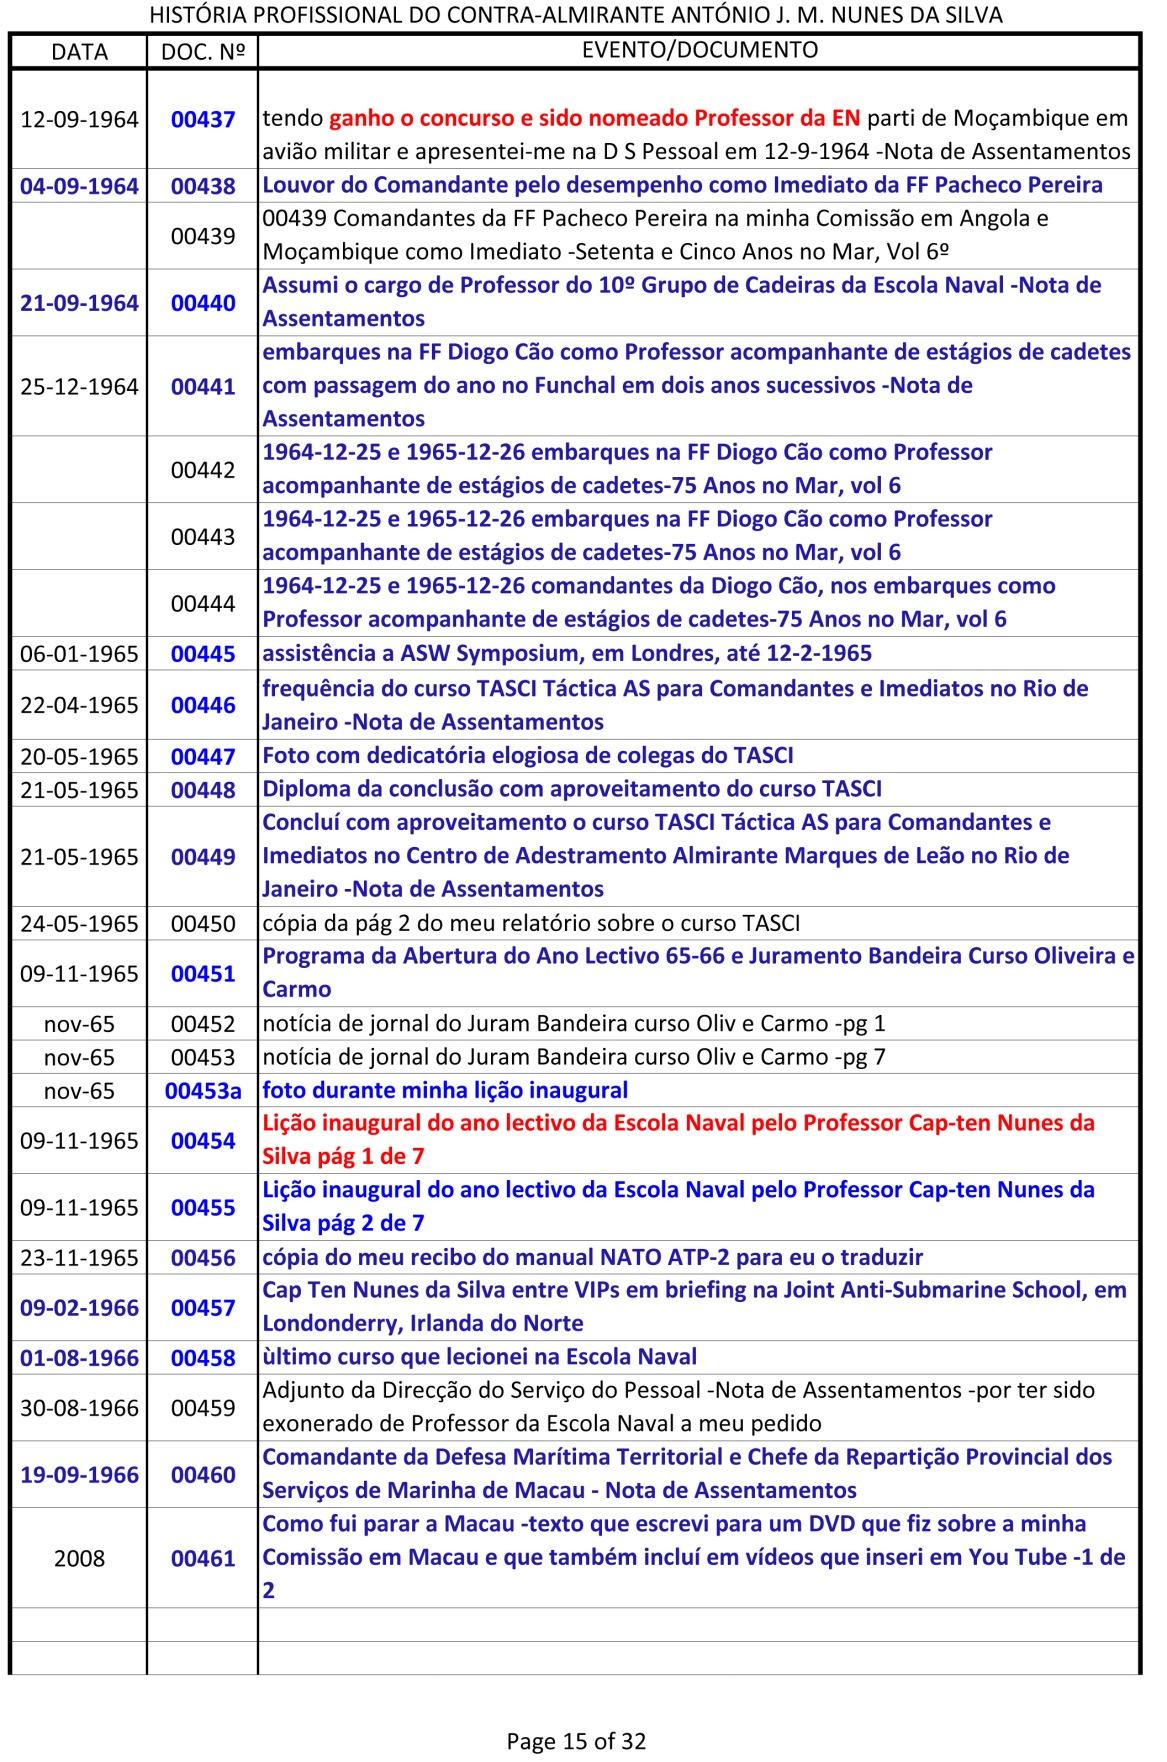 Índice dos documentos da História Profissional do CAlm Nunes da Silva -1943 a 1991-15